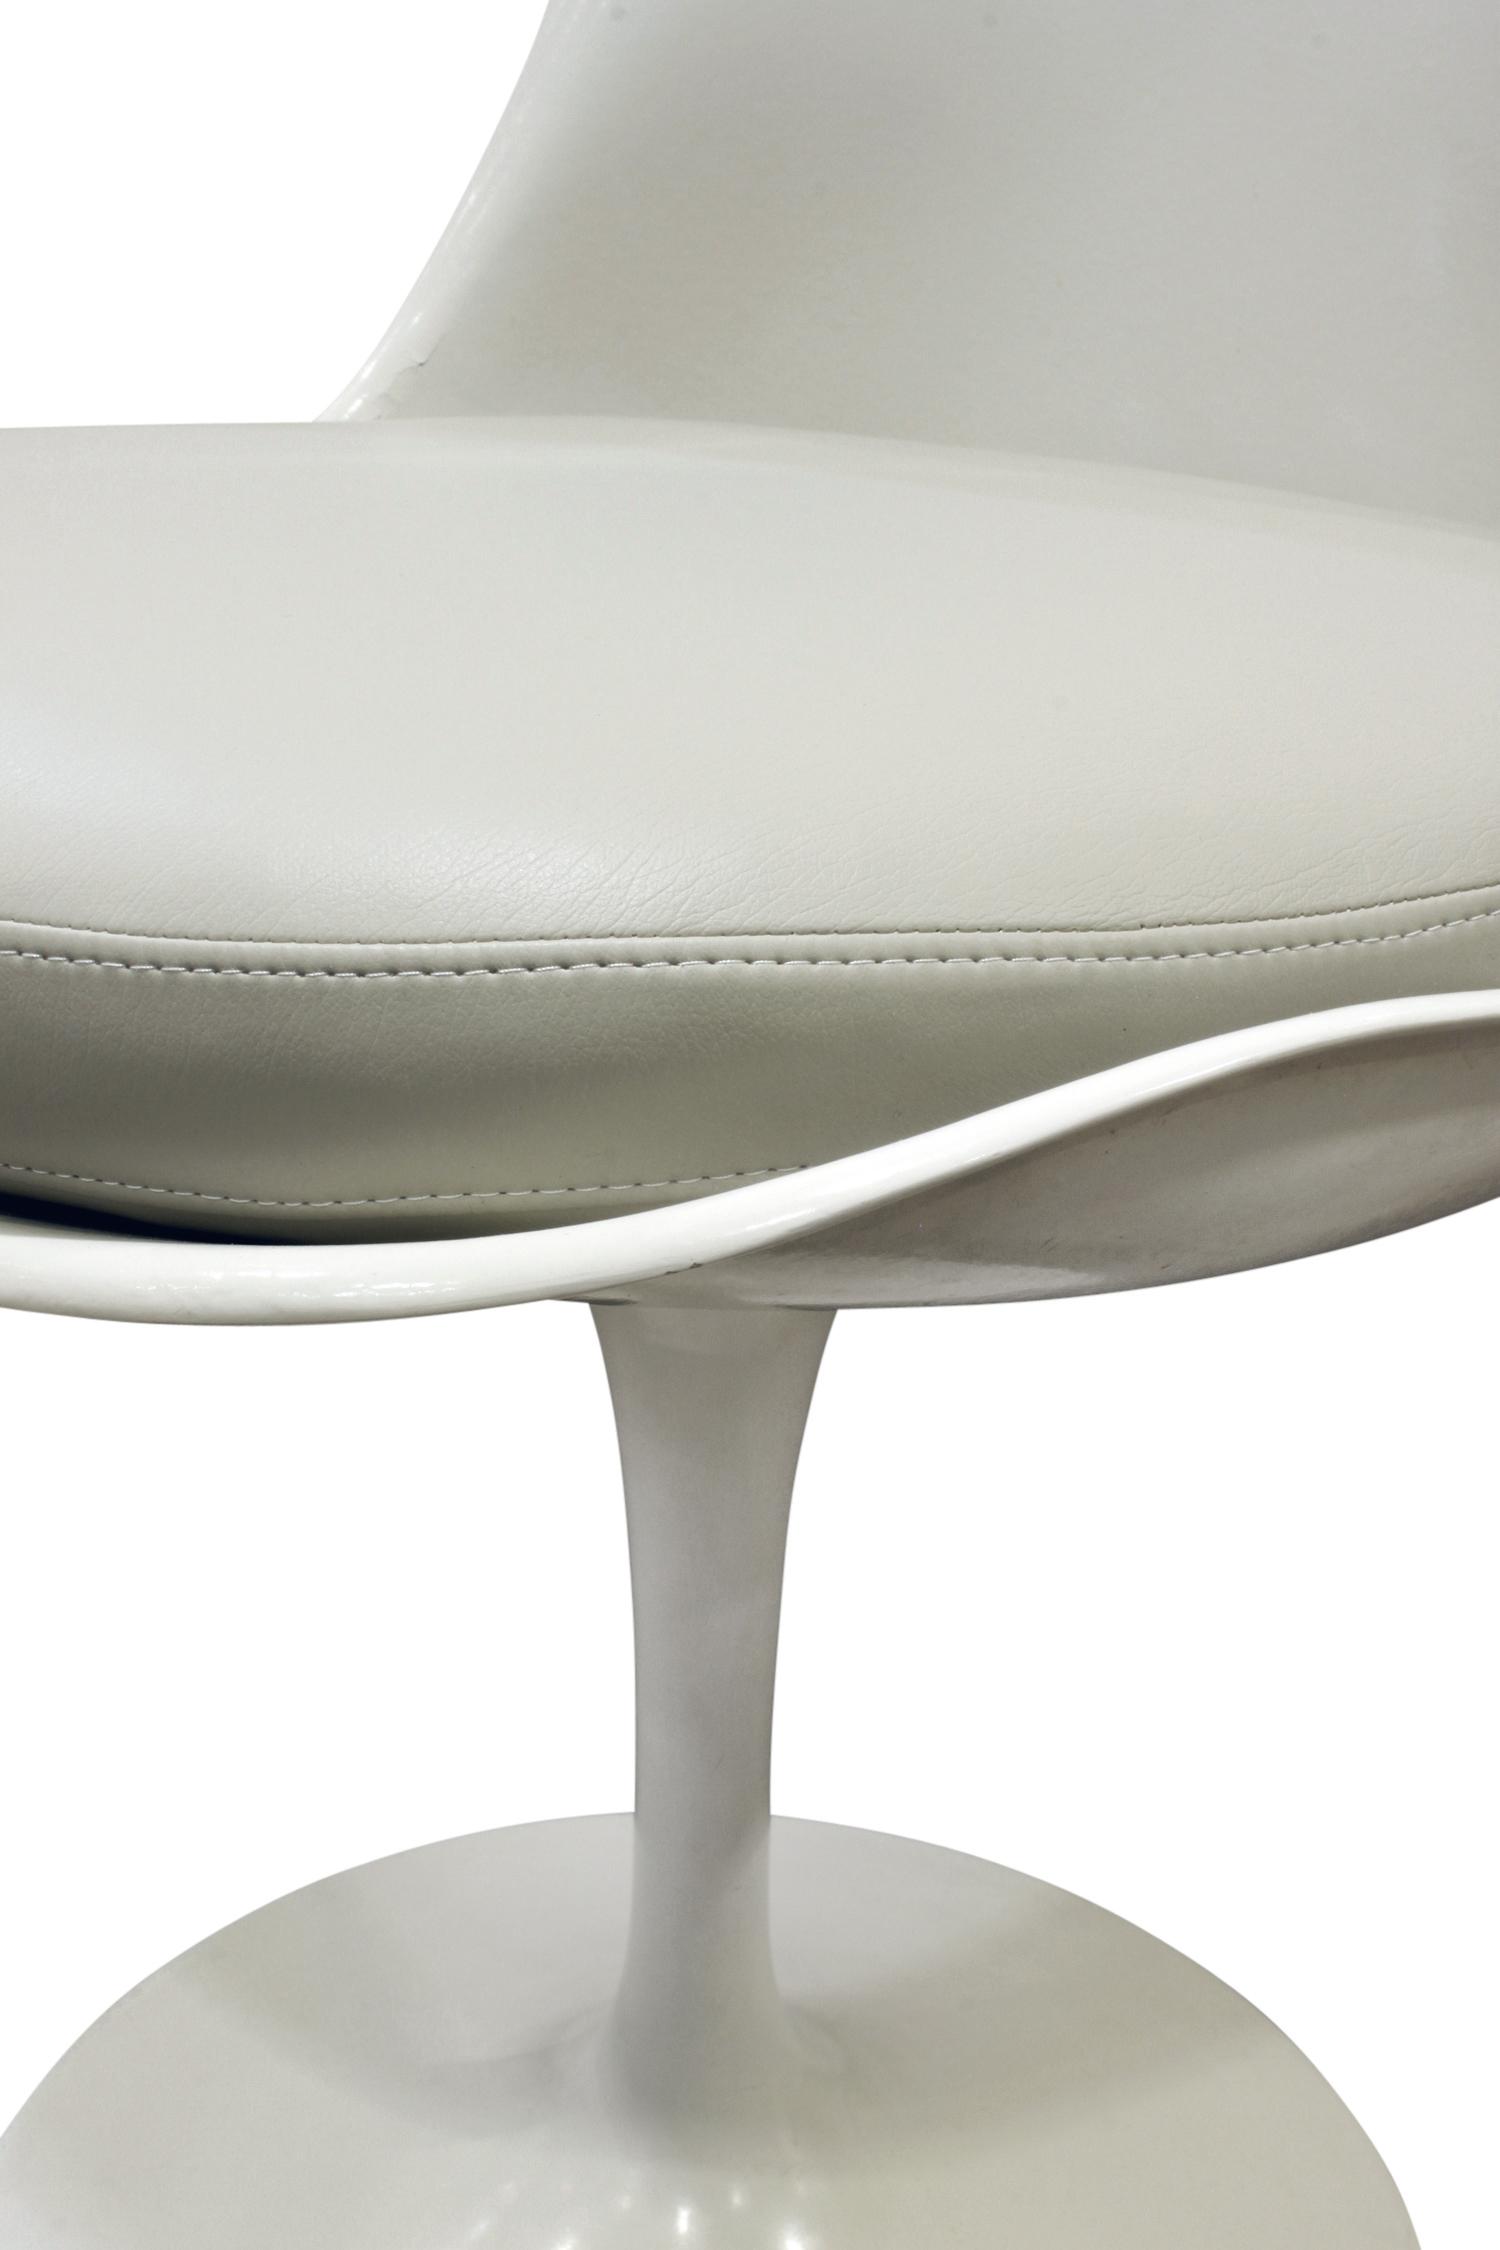 Saarinen 40 Tulip set 4 diningchairs179 cnr dtl.jpg